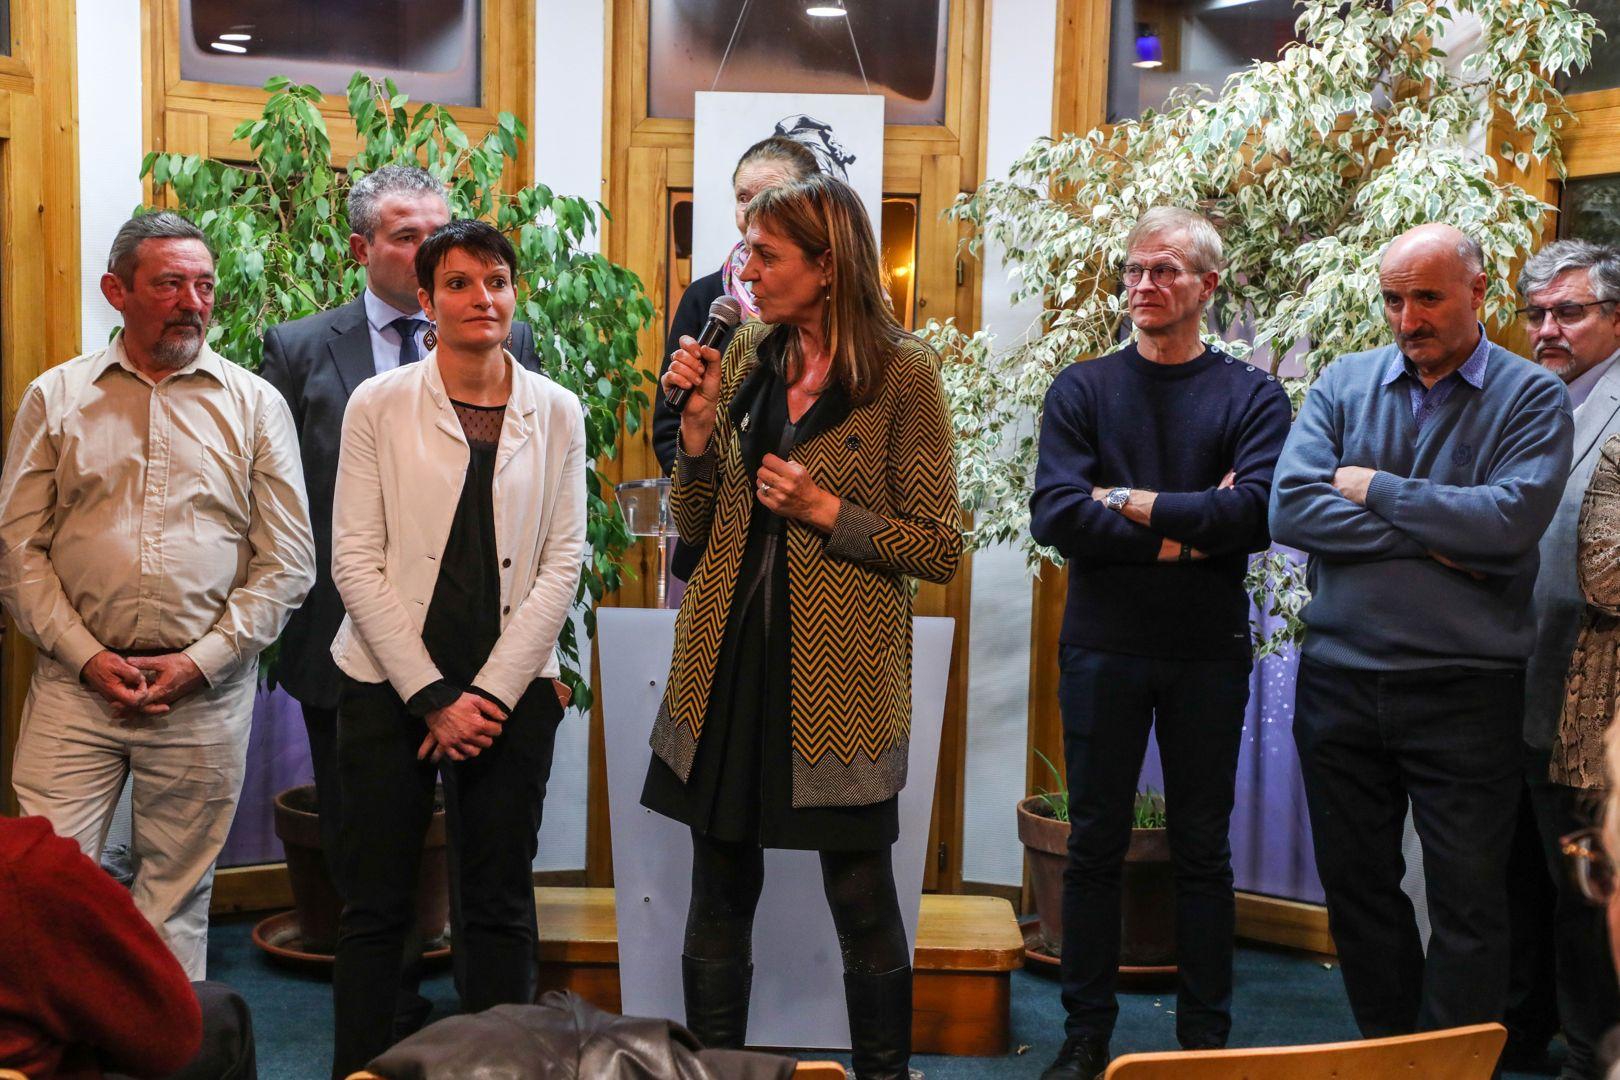 Cérémonie des voeux le samedi 5 janvier 2019 à 19h30